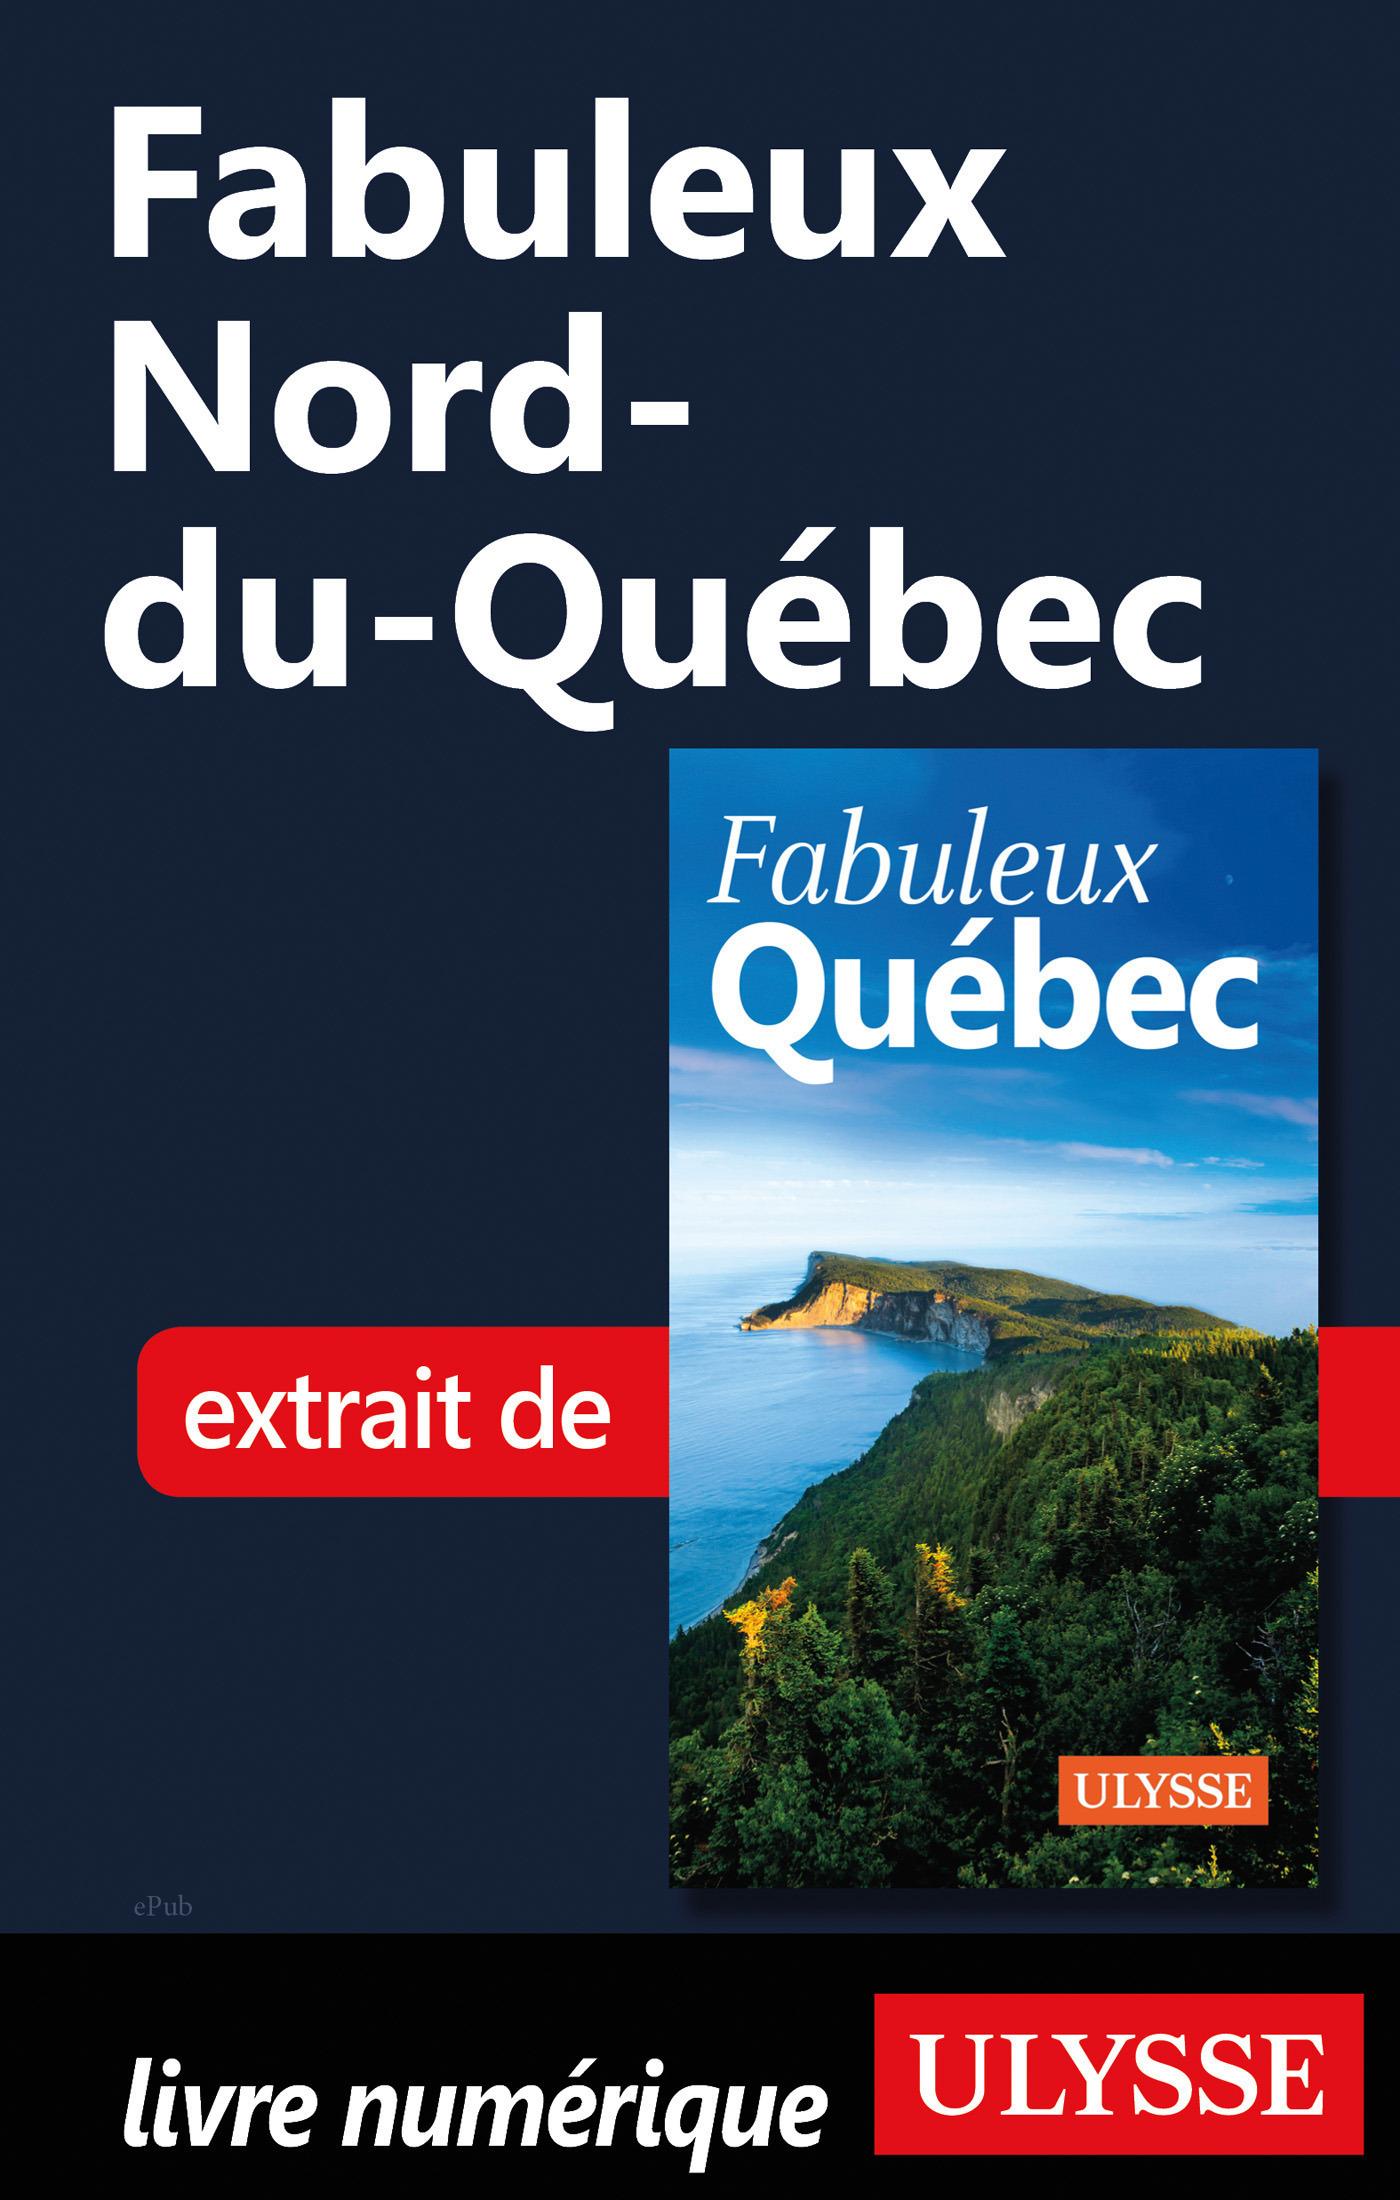 Fabuleux Nord-du-Québec